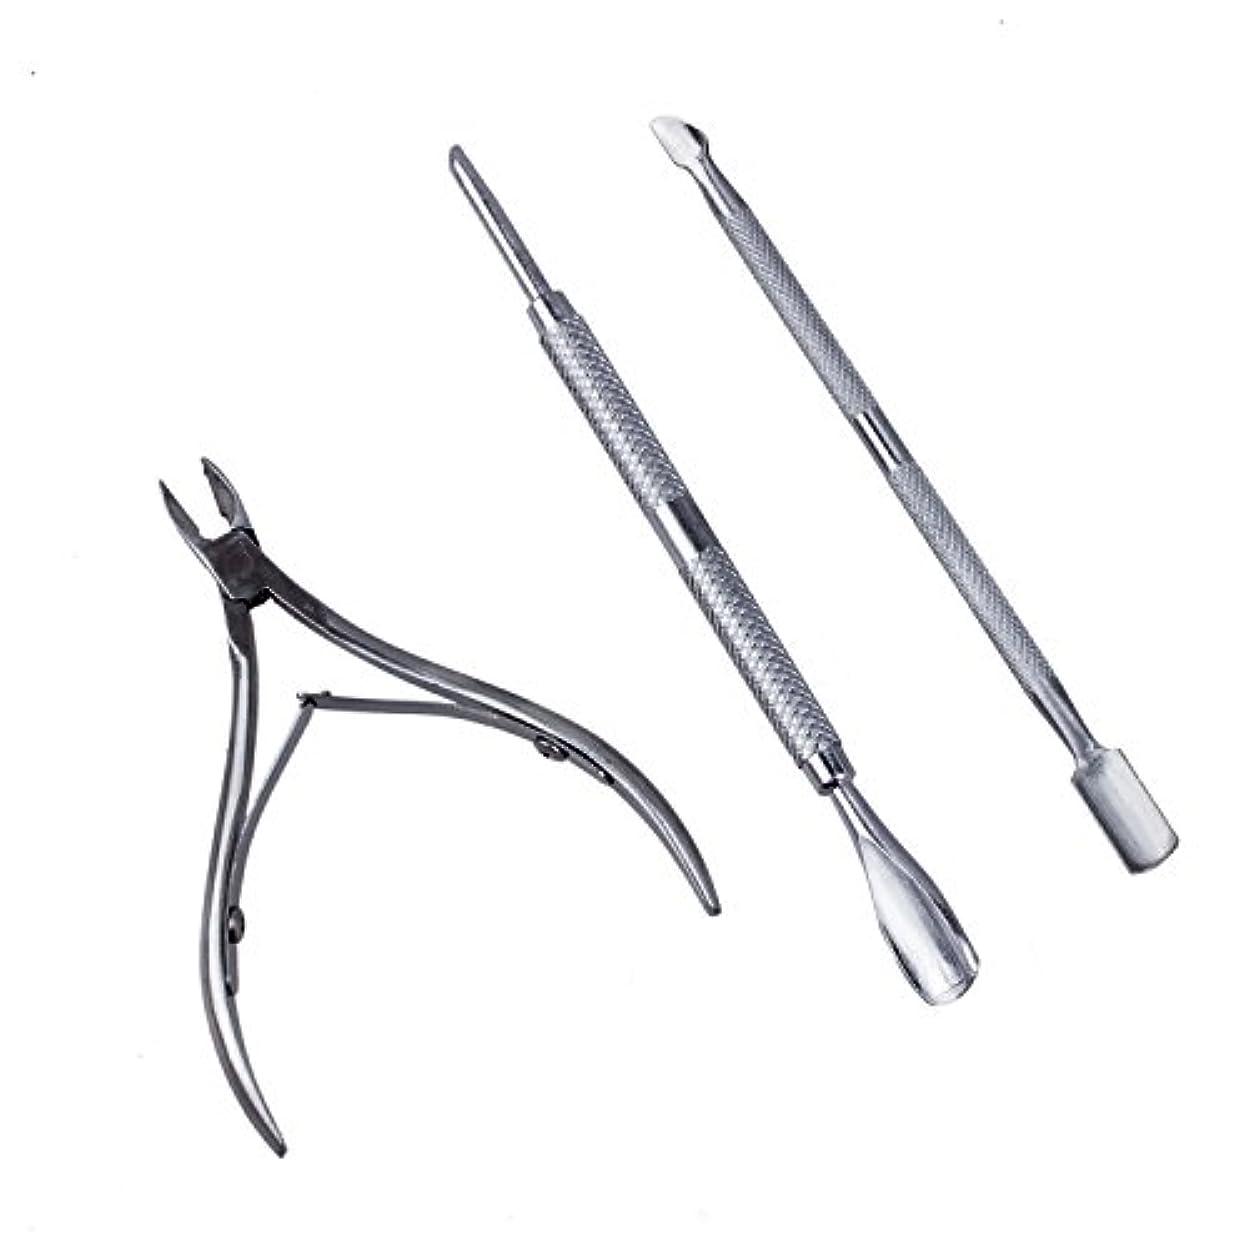 ストラップ運動定期的AFBEST ポケットネイルキューティクルニッパーパックは、爪切りが含まれています、パック3